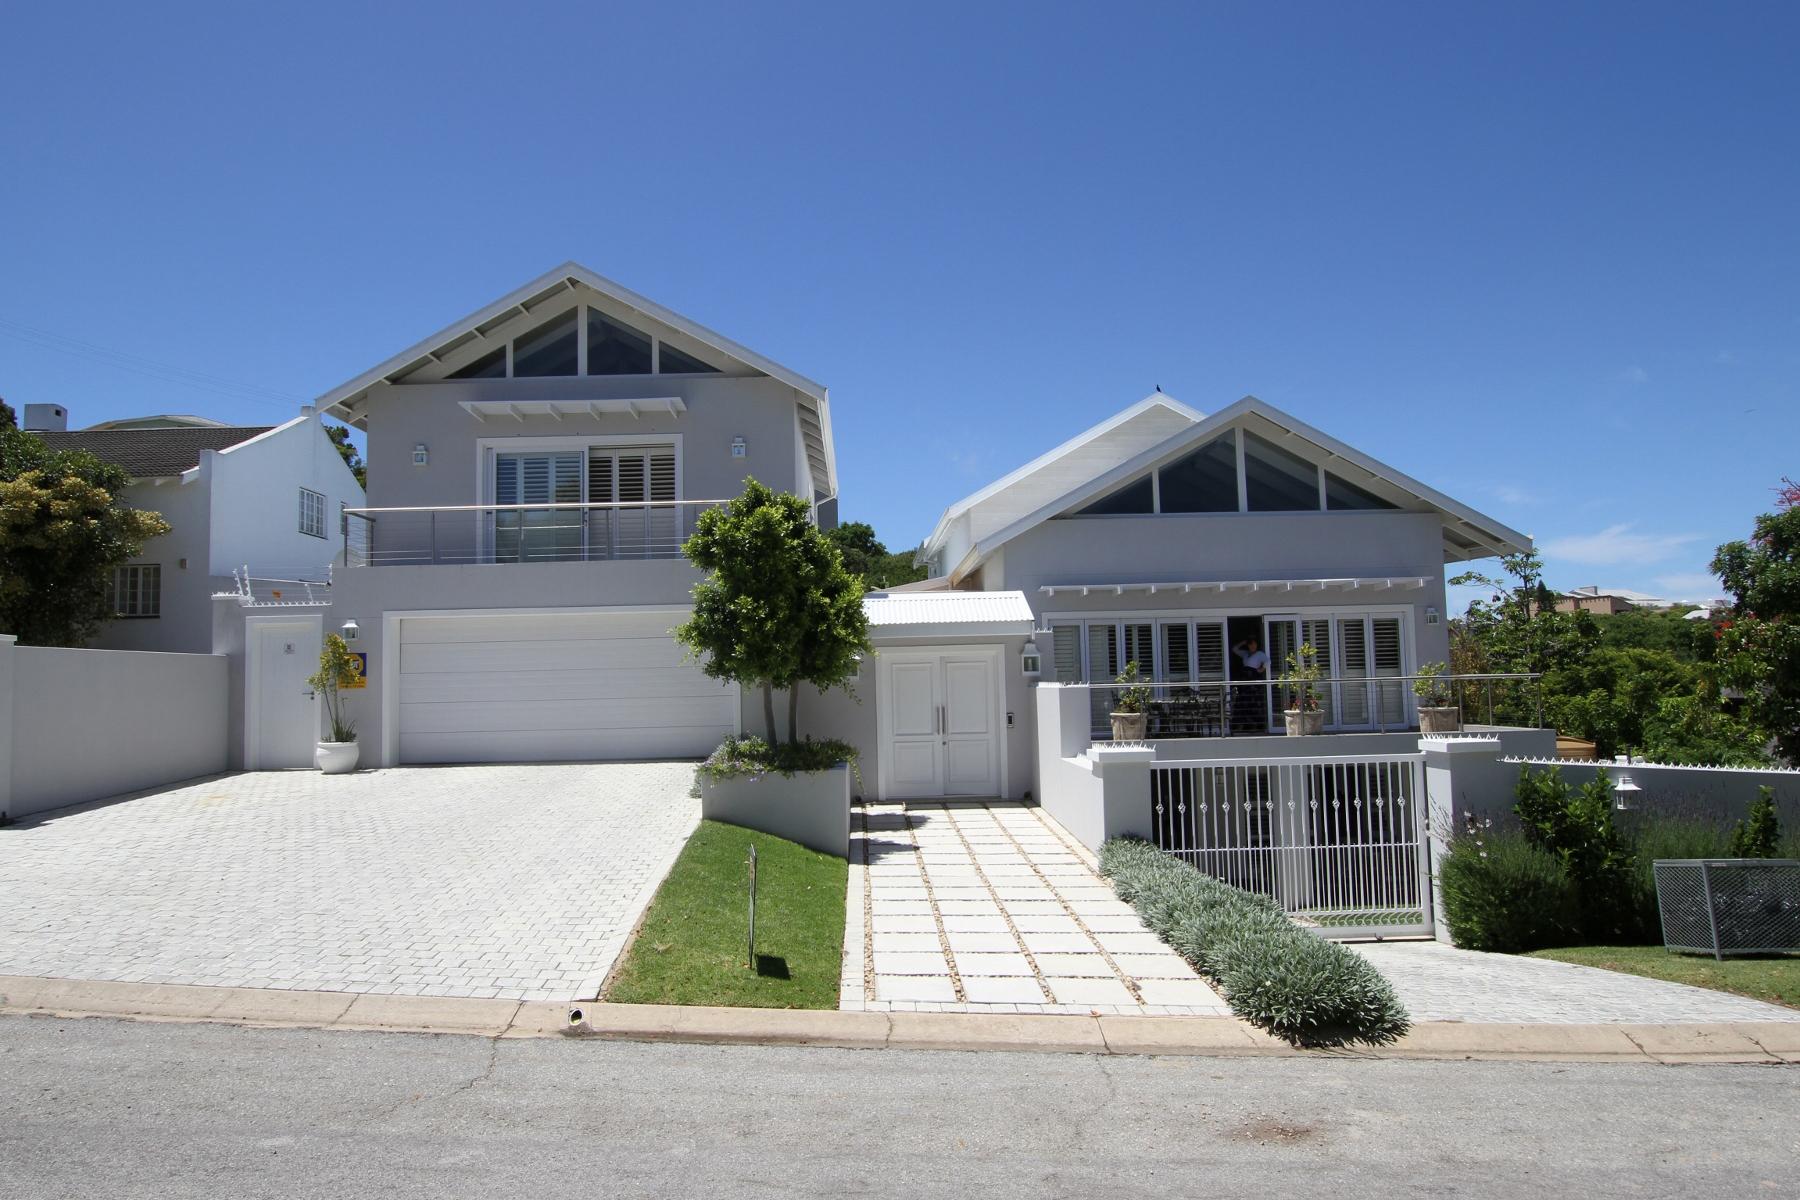 Maison unifamiliale pour l Vente à Stableford Drive Plettenberg Bay, Cap-Occidental, 6600 Afrique Du Sud